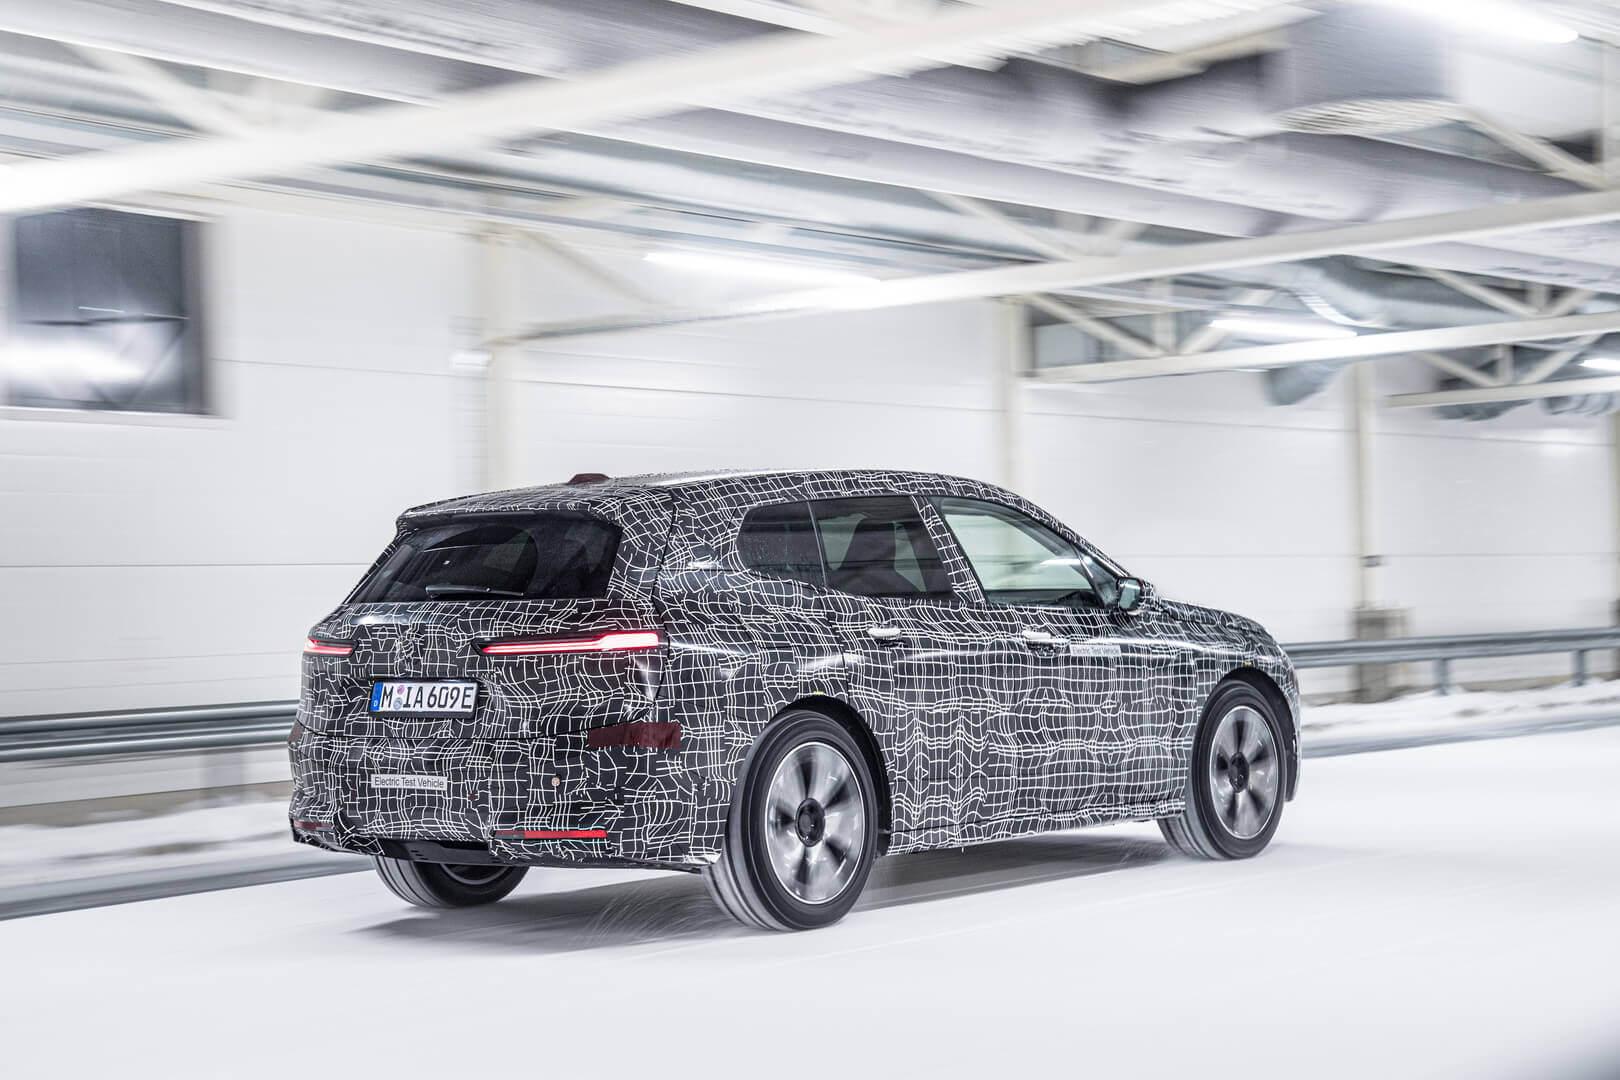 BMW проводит зимние испытания электромобиля iX в экстремальных погодных условиях за Полярным кругом